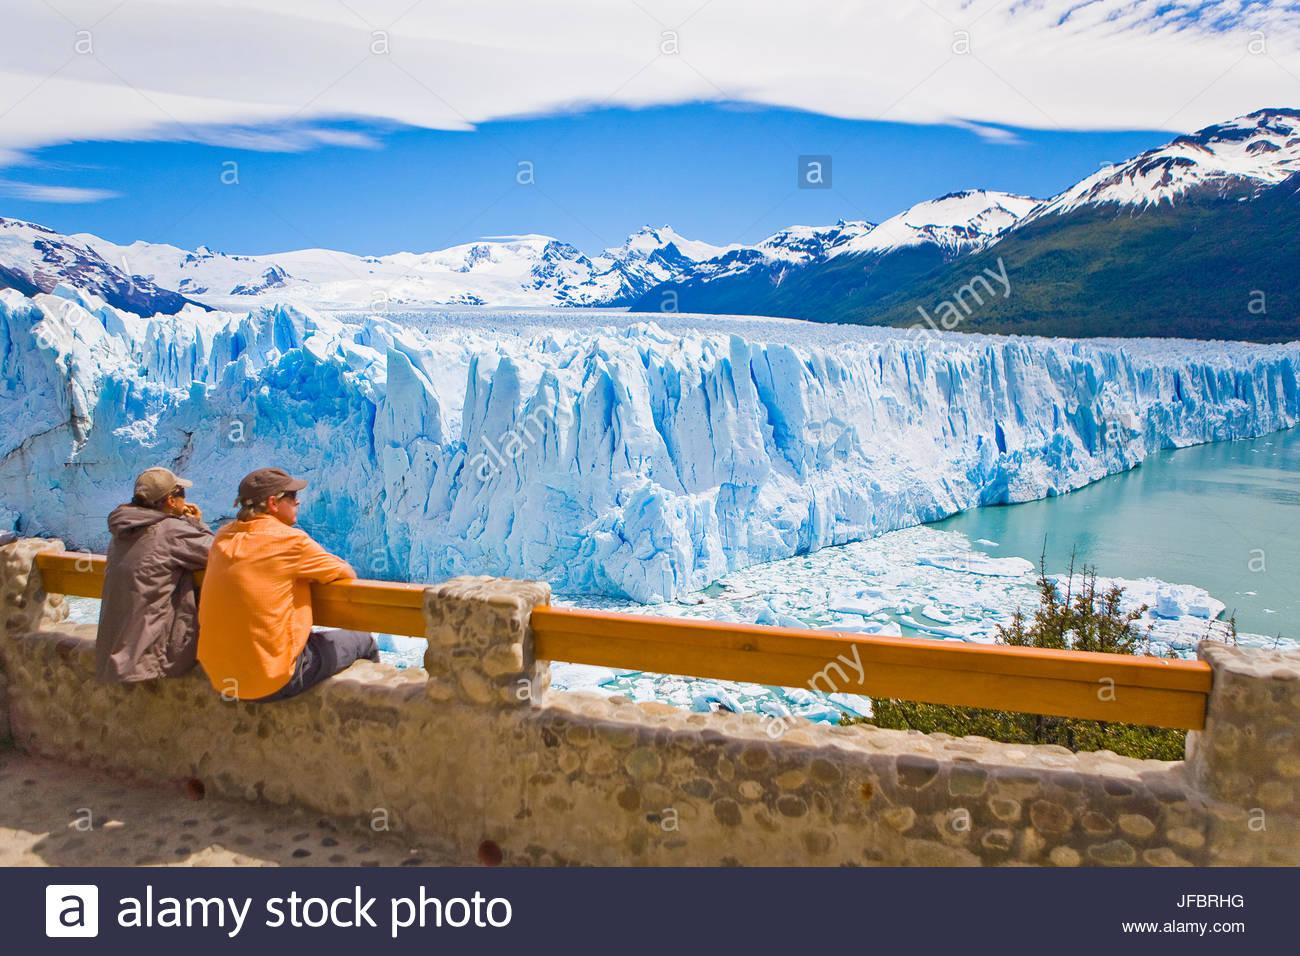 Tourists viewing the Perito Moreno glacier in Argentina. - Stock Image